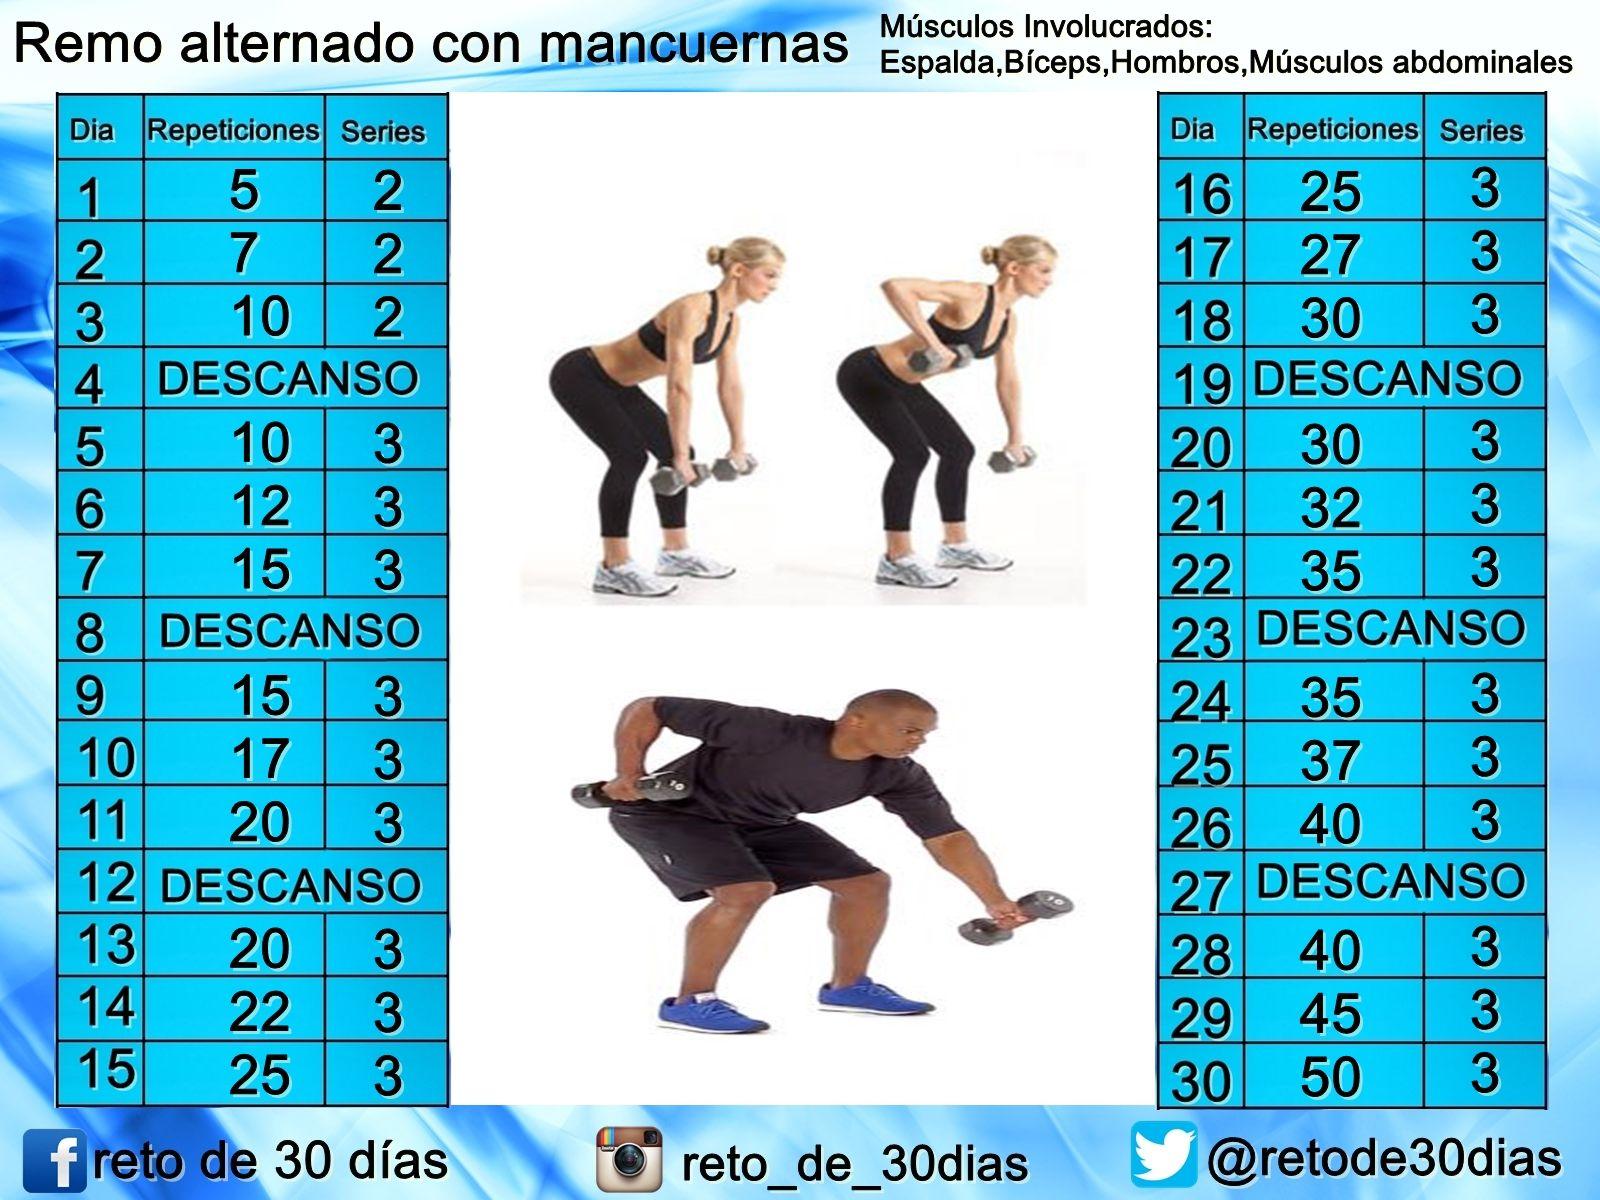 Adiós A Los Rollitos En La Espalda Remo Alternado Con Mancuernas Workout Loose Weight Fitness Inspo